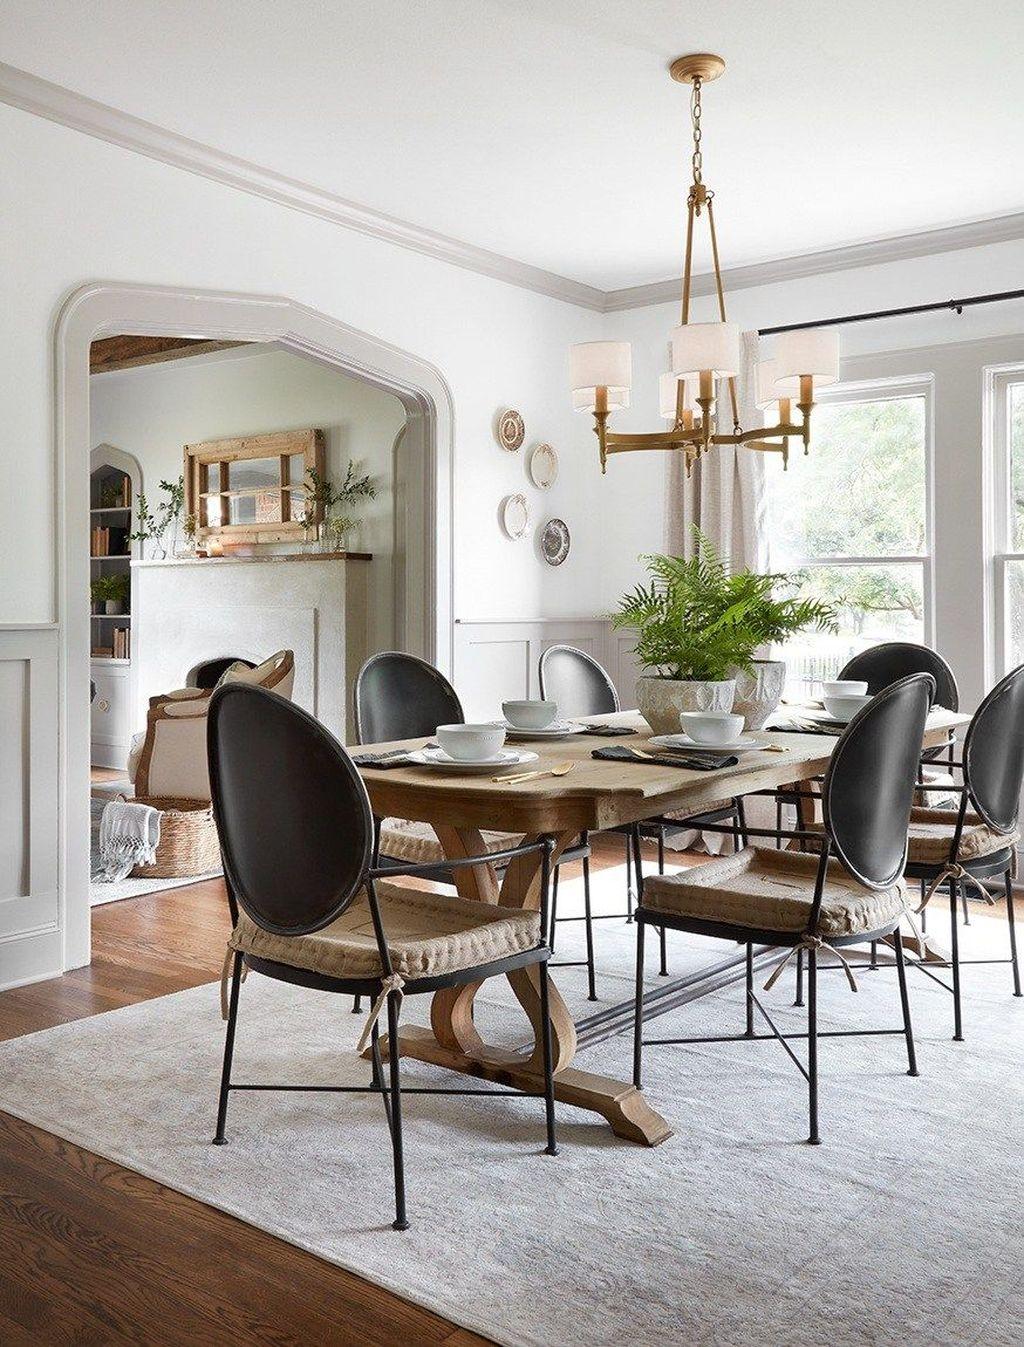 Amazing Rustic Dining Room Design Ideas 17